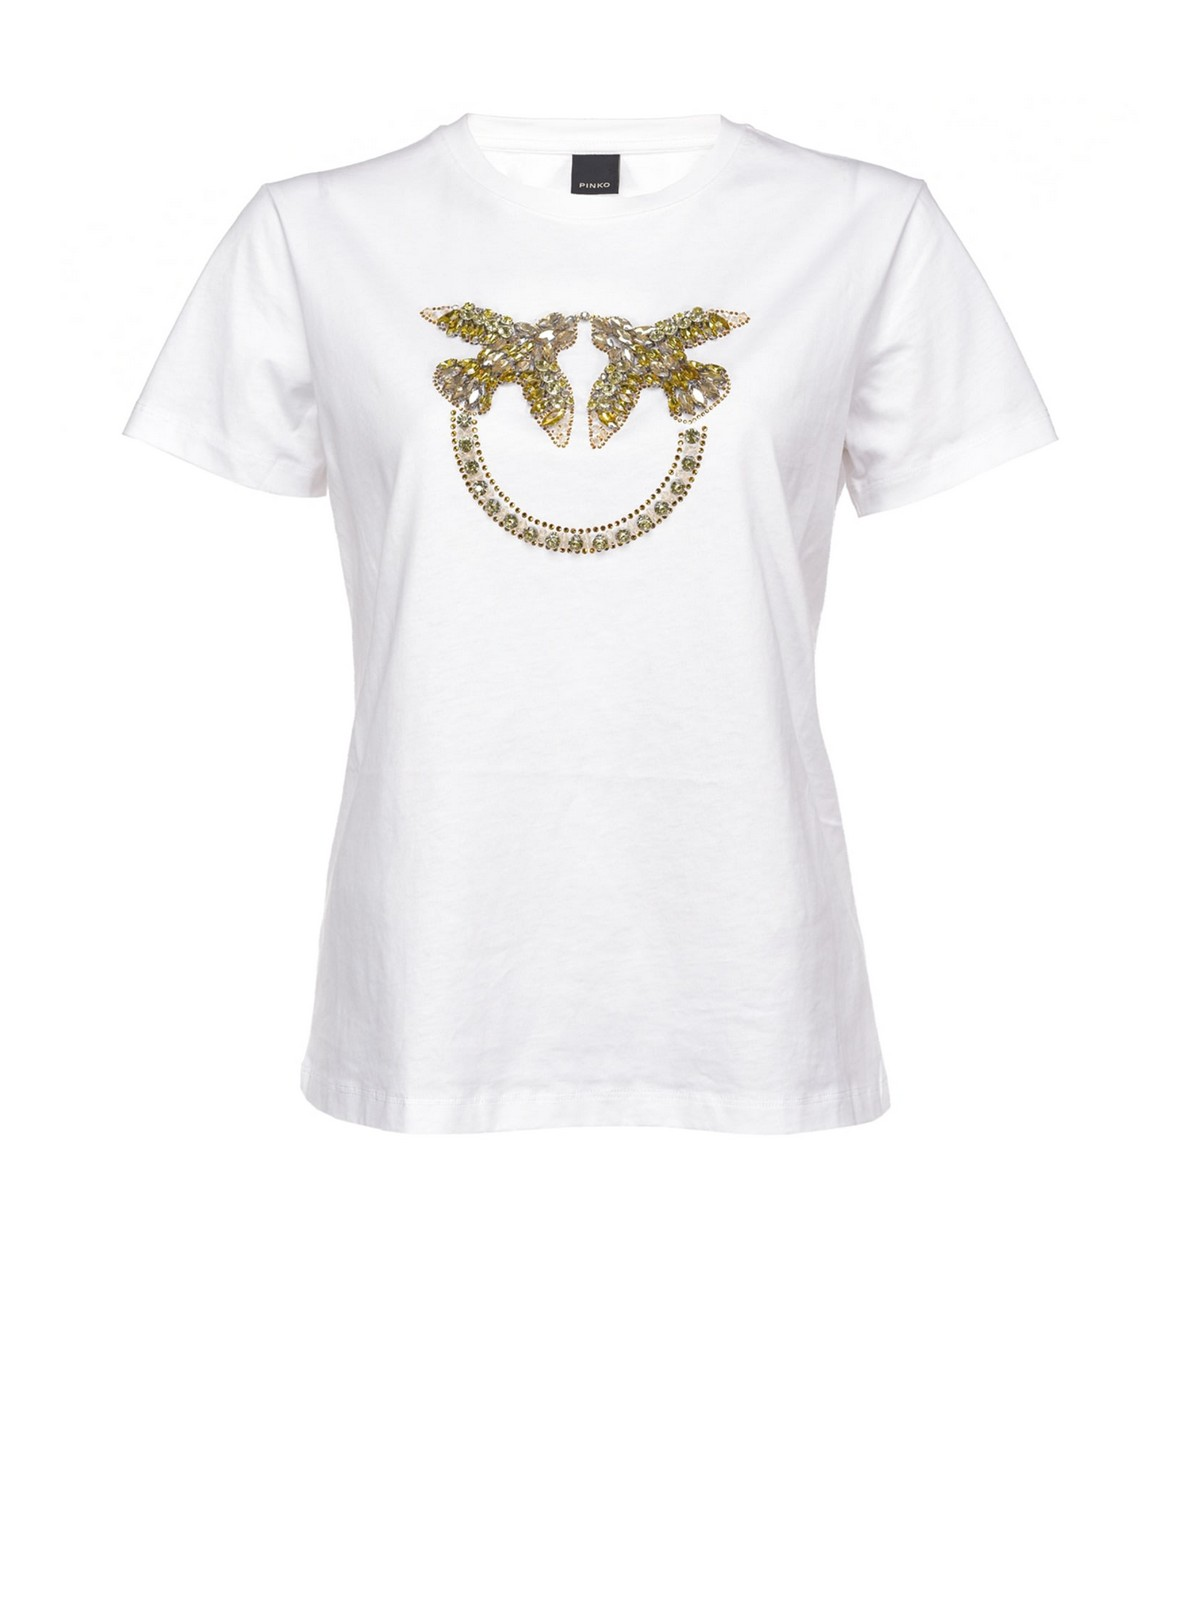 T-shirt jersey love birds - Quentin - Pinko